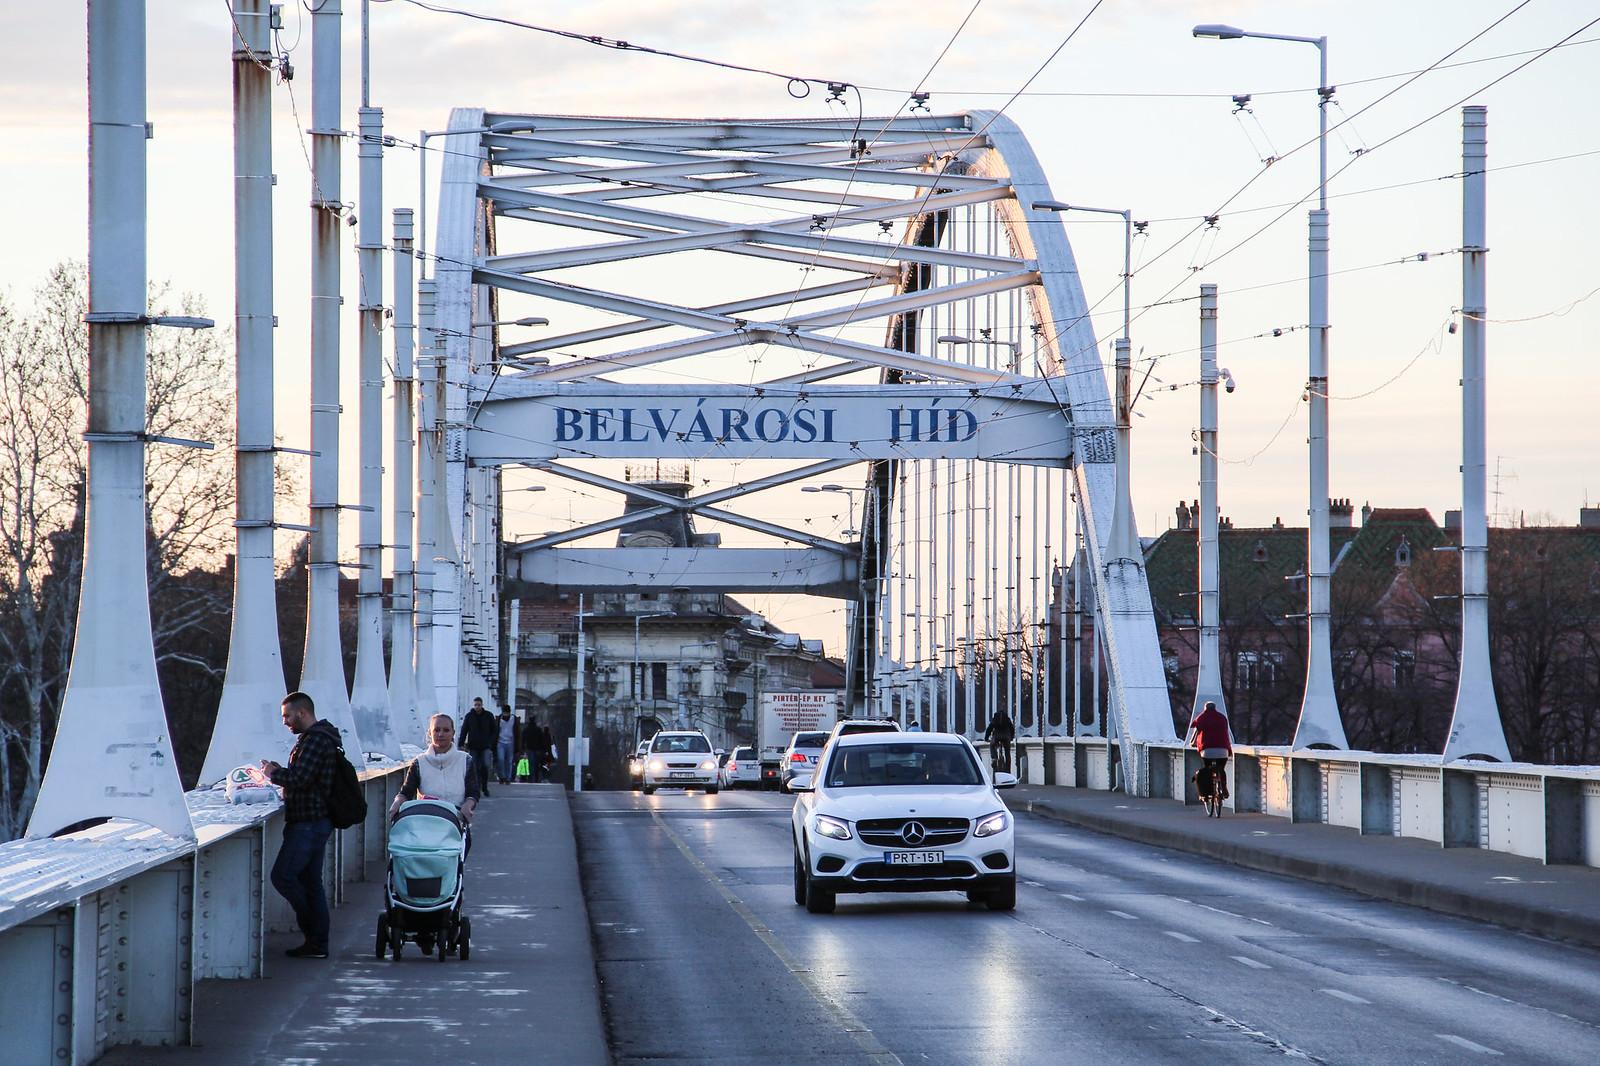 Éjféltől lezárják a Belvárosi hidat, holnaptól Hídivásár